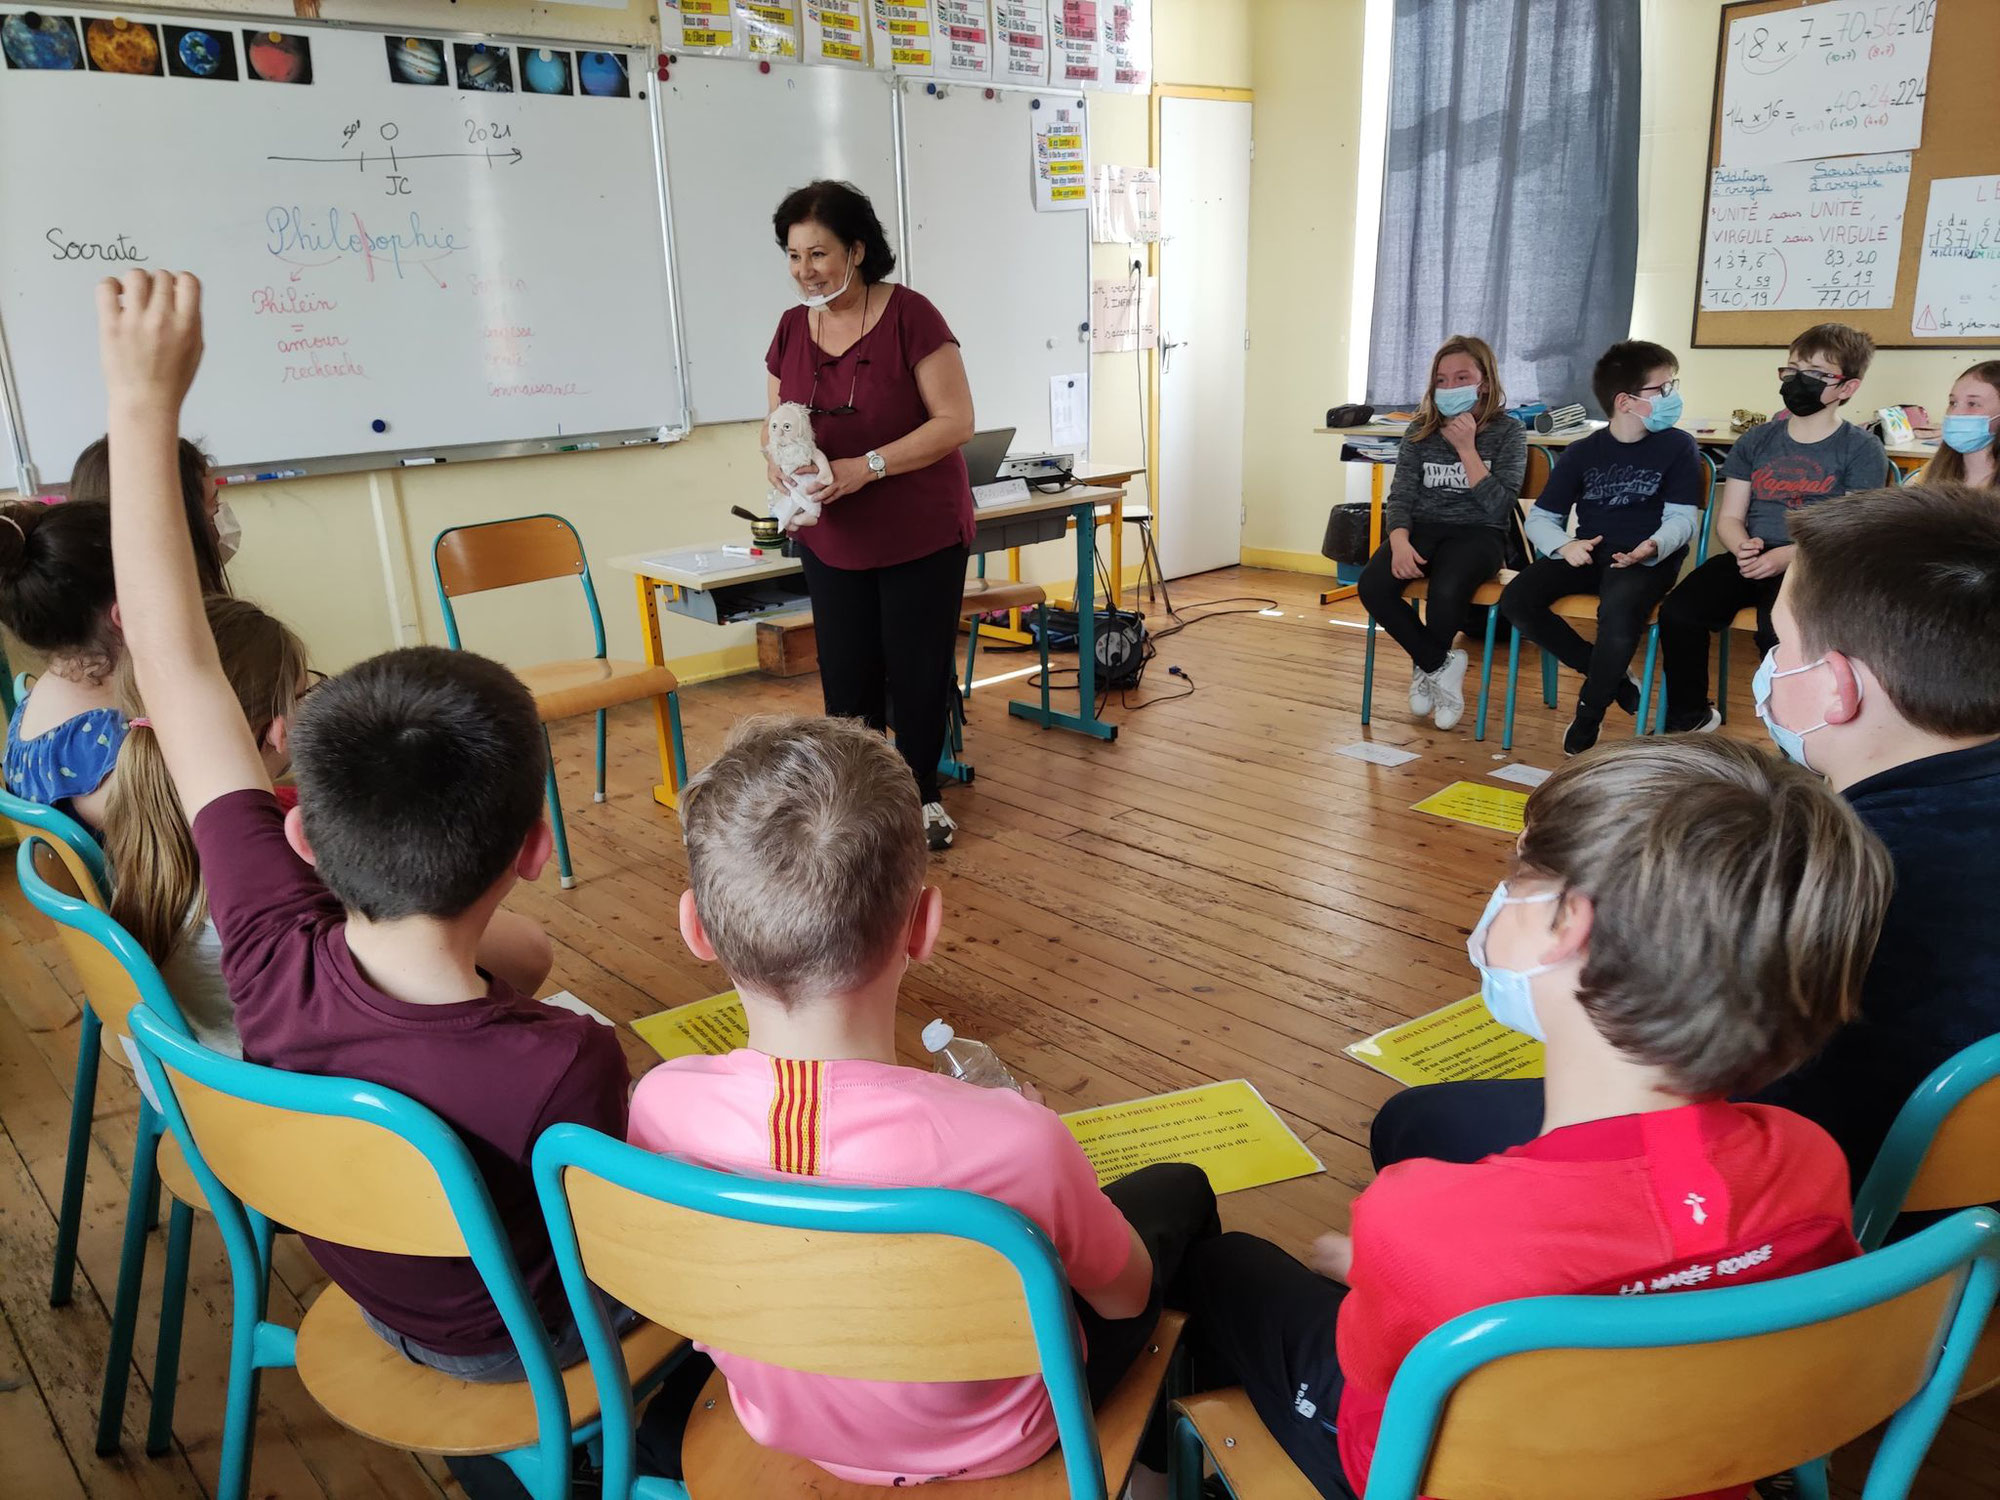 Ateliers philo à l'école Ste-Anne de Plouguin : que du bonheur !